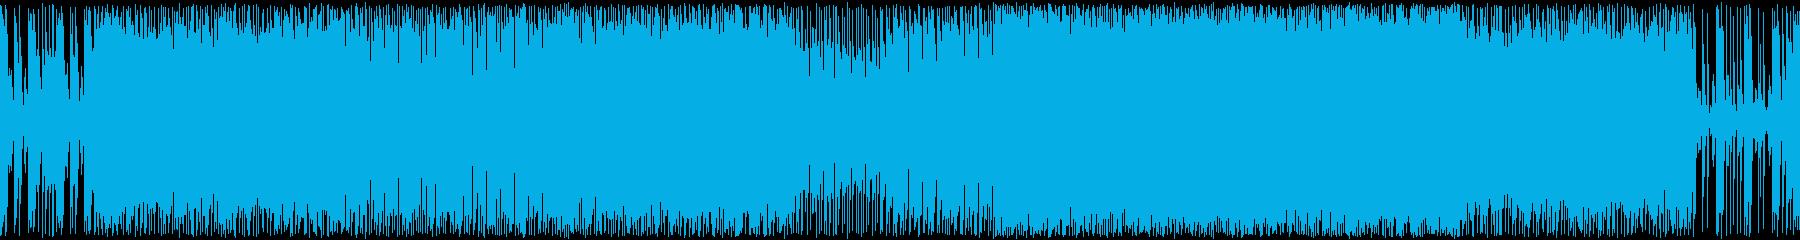 勇ましさのあるメタル系戦闘曲の再生済みの波形